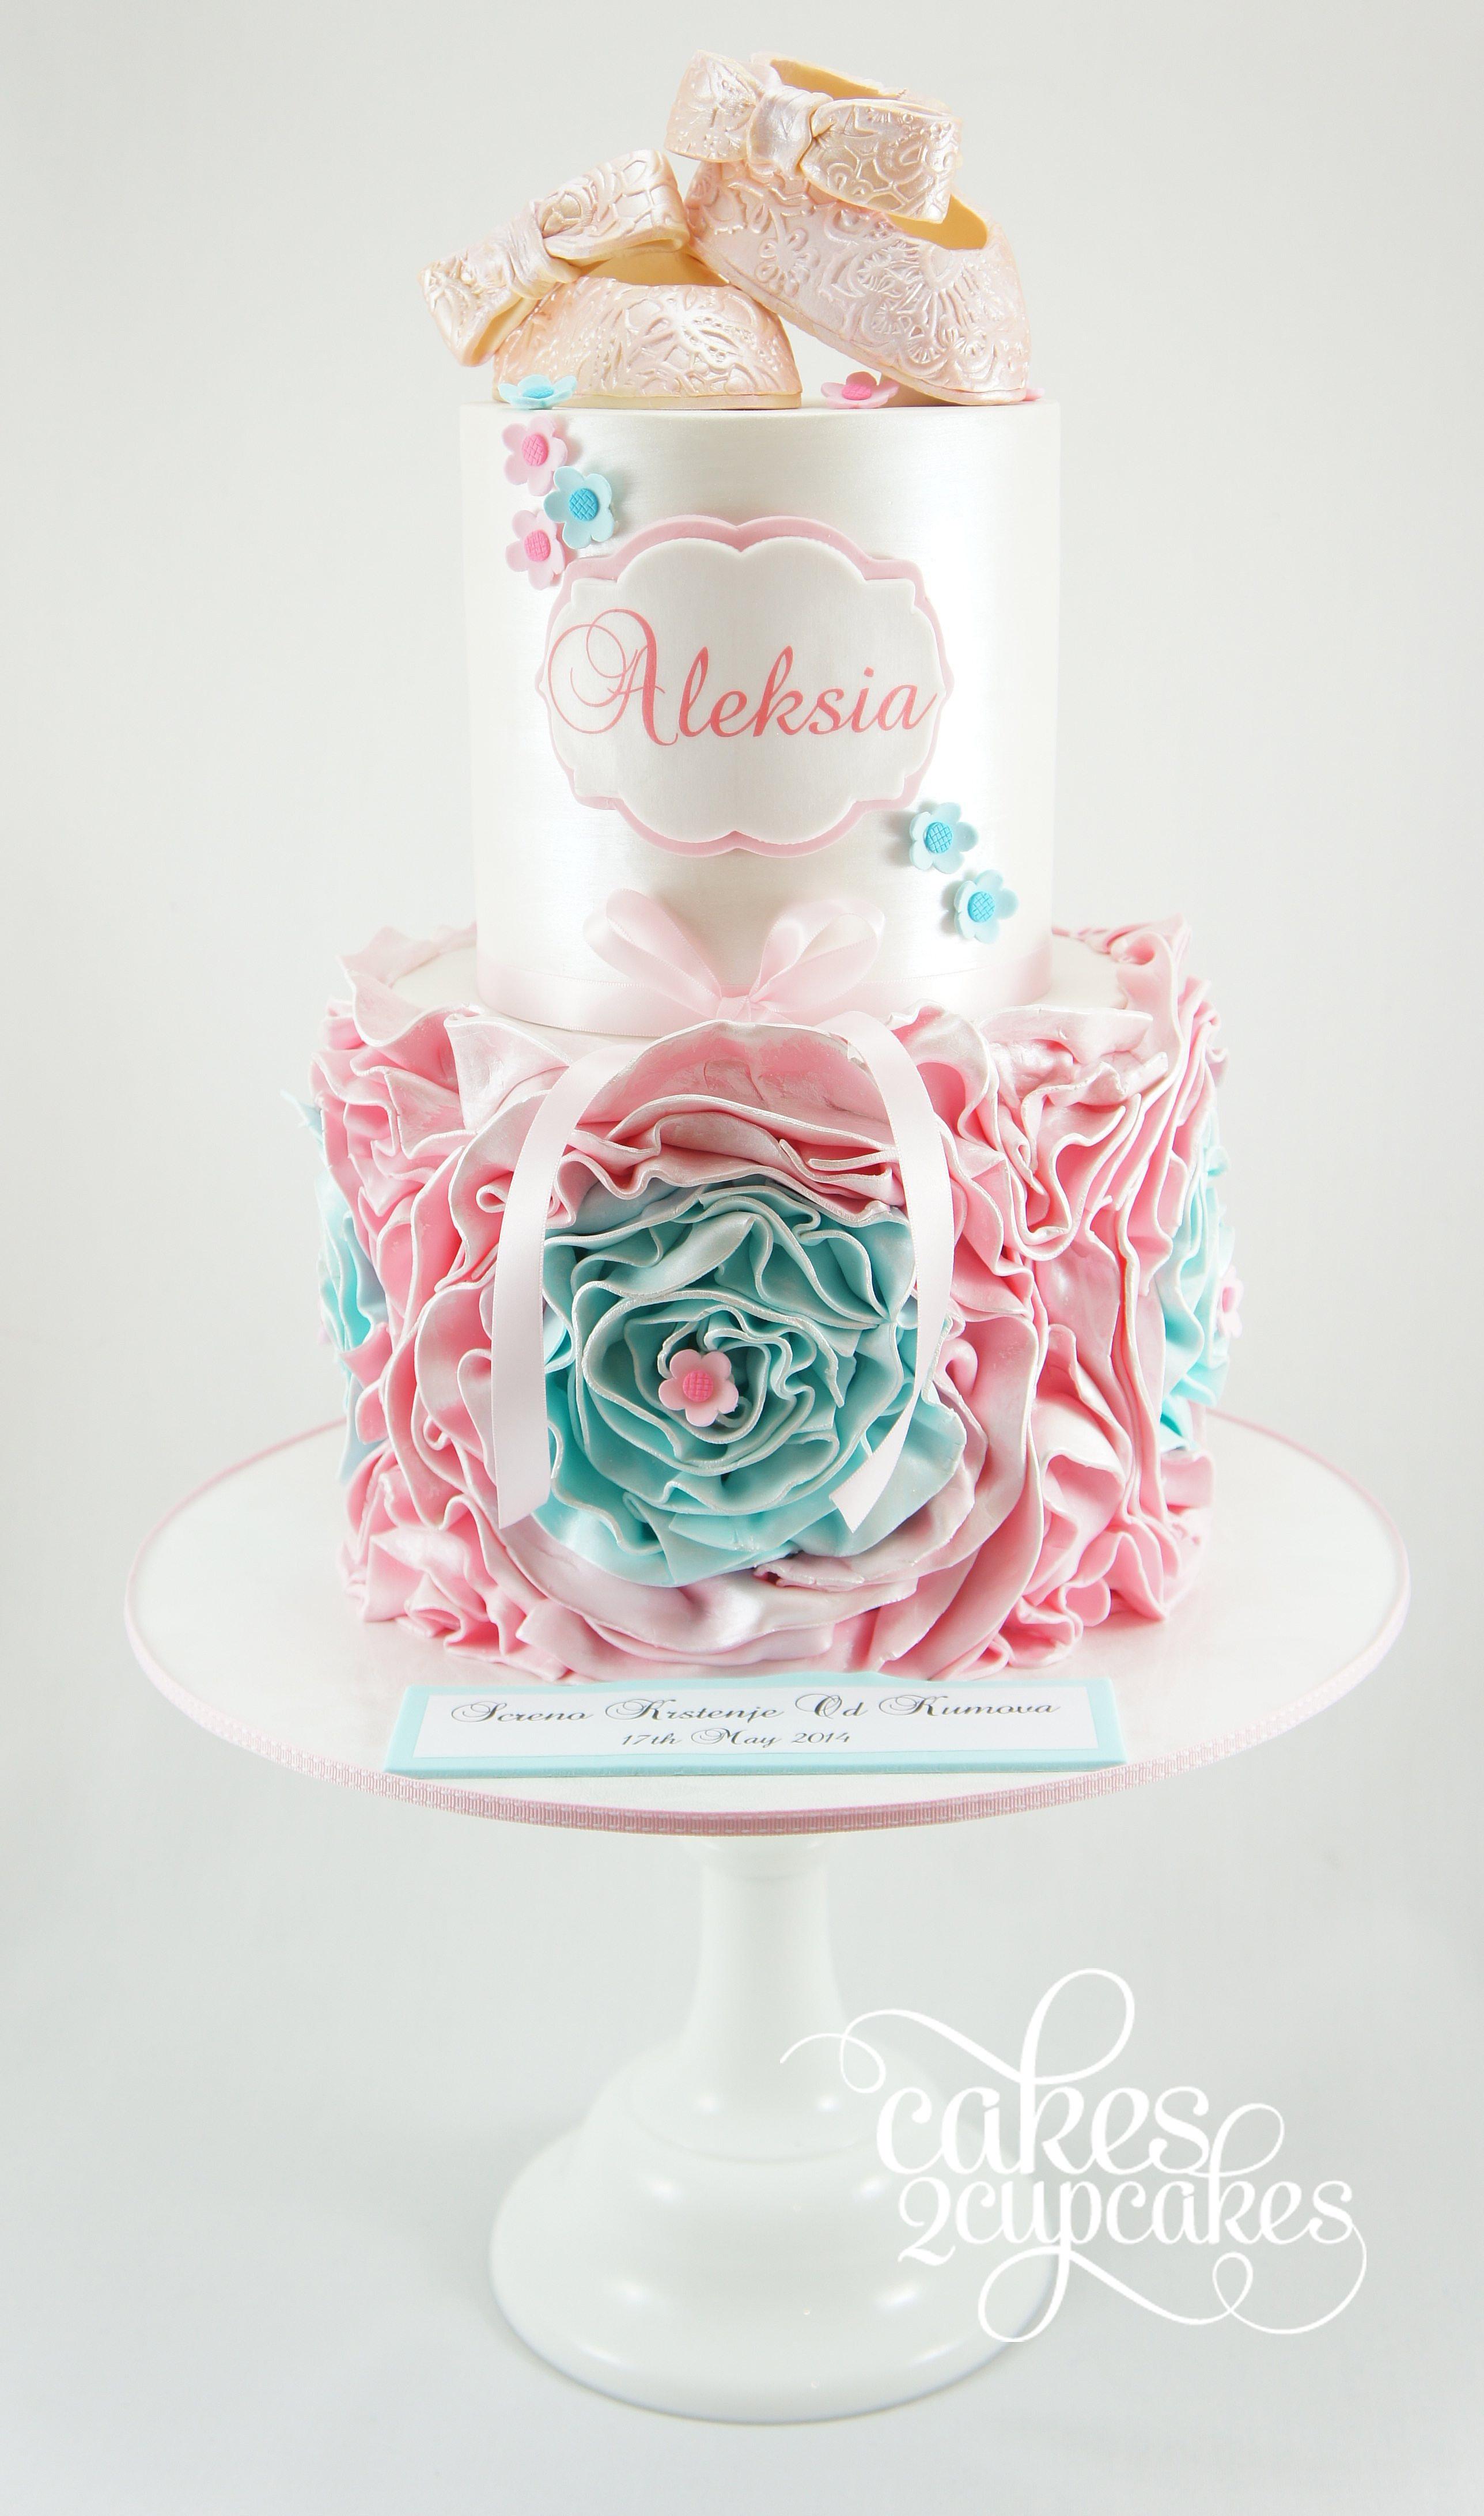 Cakes 2 Cupcakes Cakes2cupcakes Pink Blue Jpg